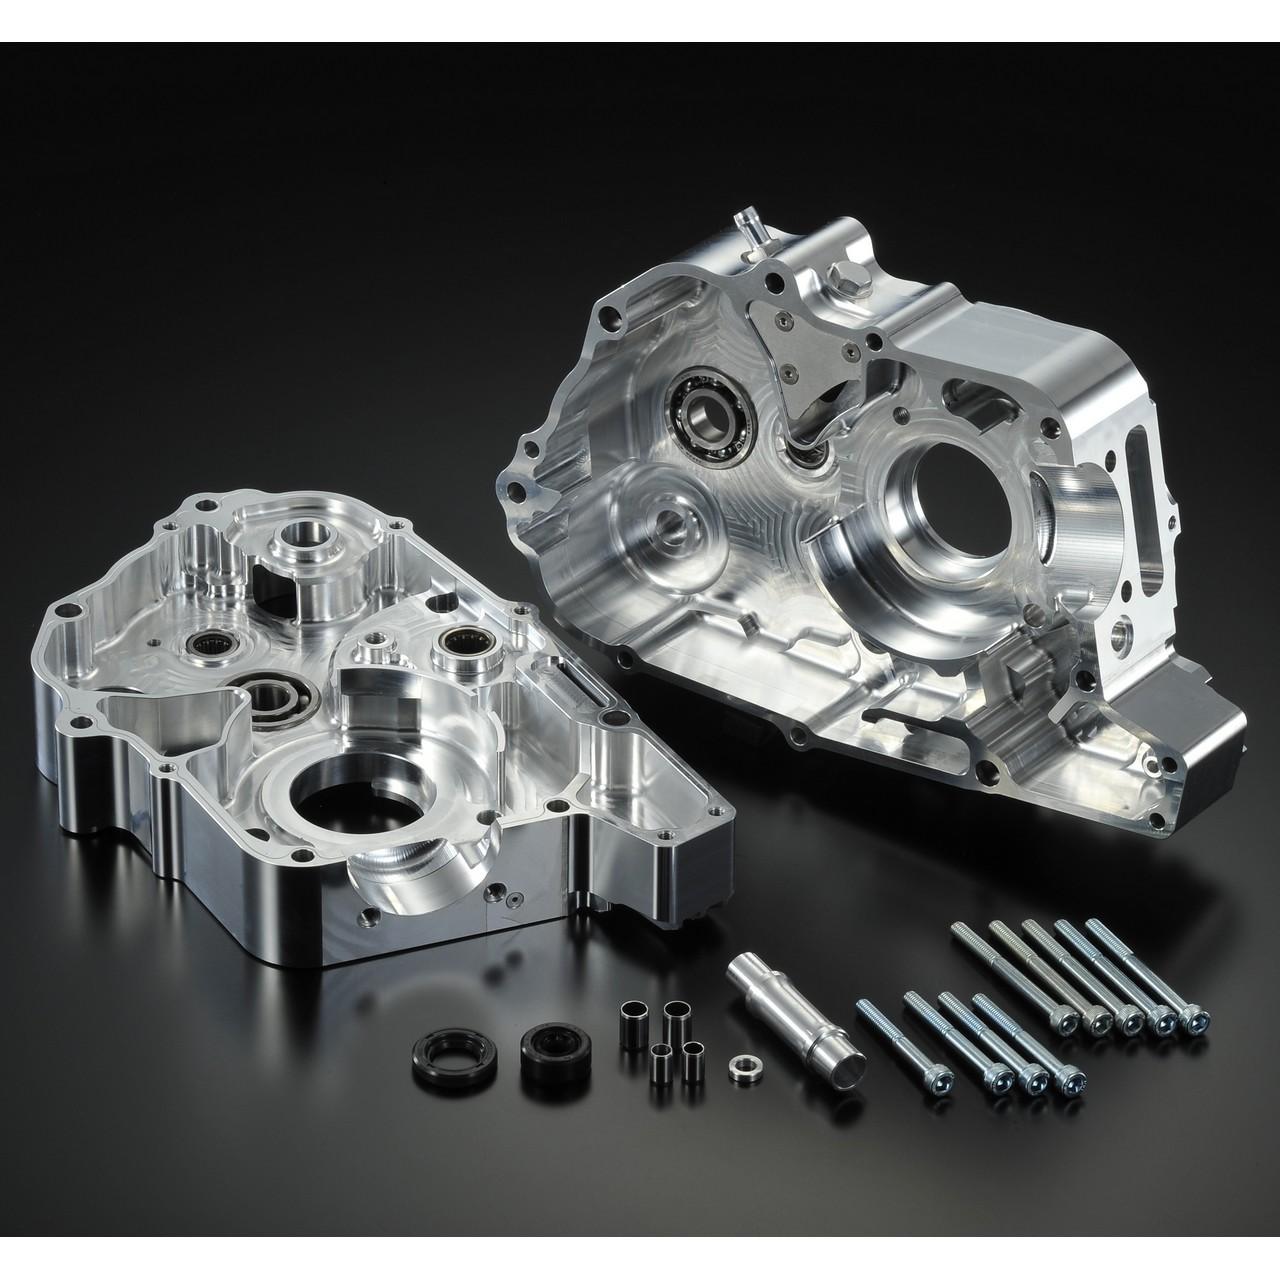 【G-Craft】切削加工製造曲軸箱 - 「Webike-摩托百貨」